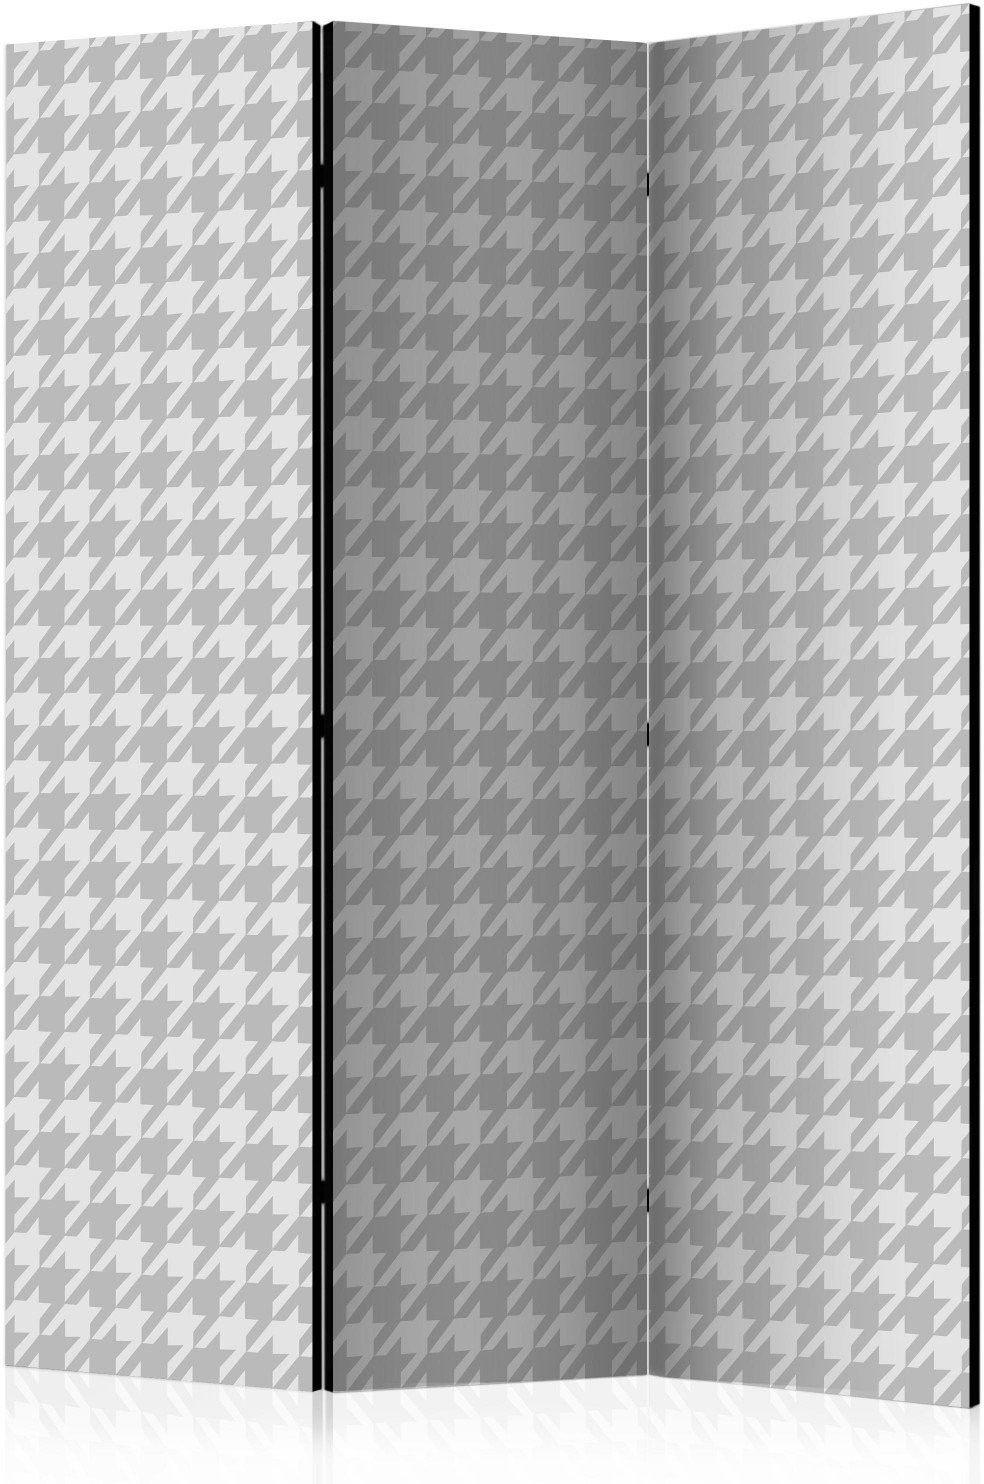 Parawan 3-częściowy - pepitka [room dividers]